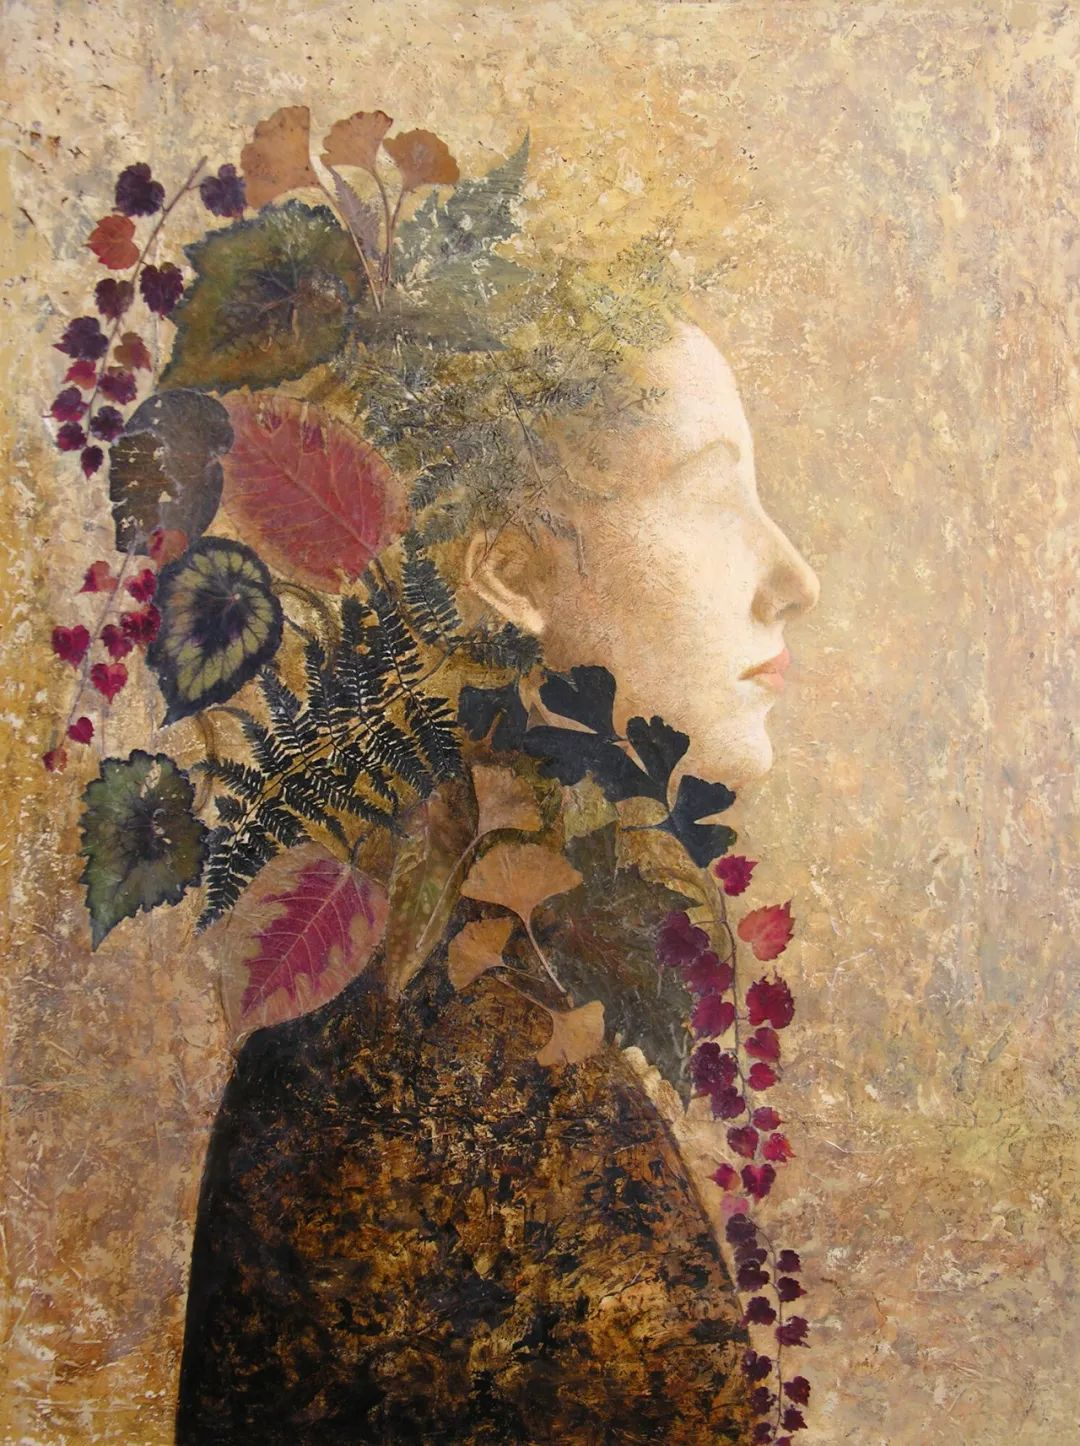 致力于形象表现的具象画家,幽灵般的人物肖像插图5